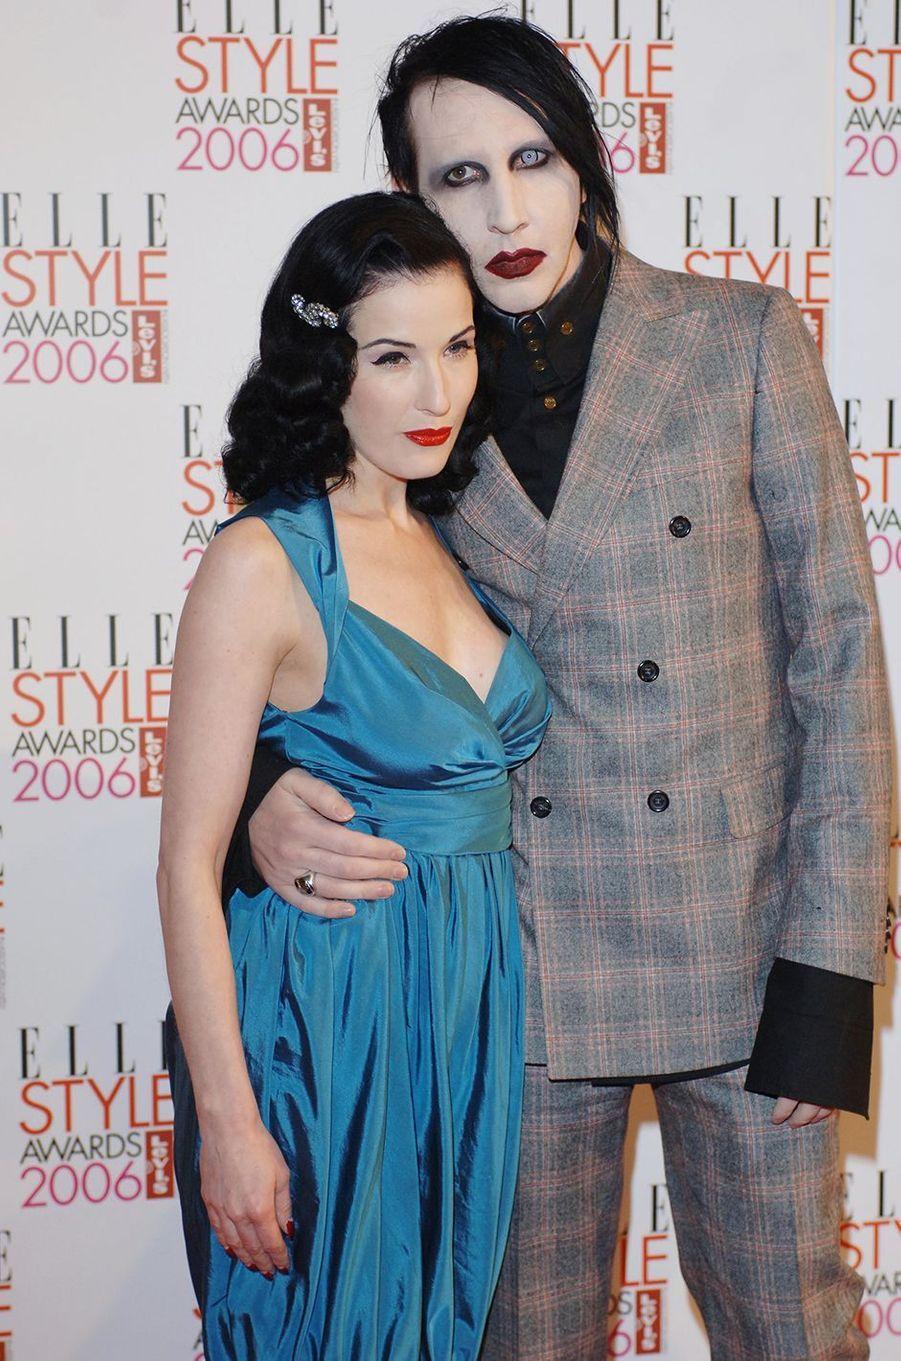 Dita Von Teese et Marilyn Manson aux ELLE Style Awards à Londres en février 2006